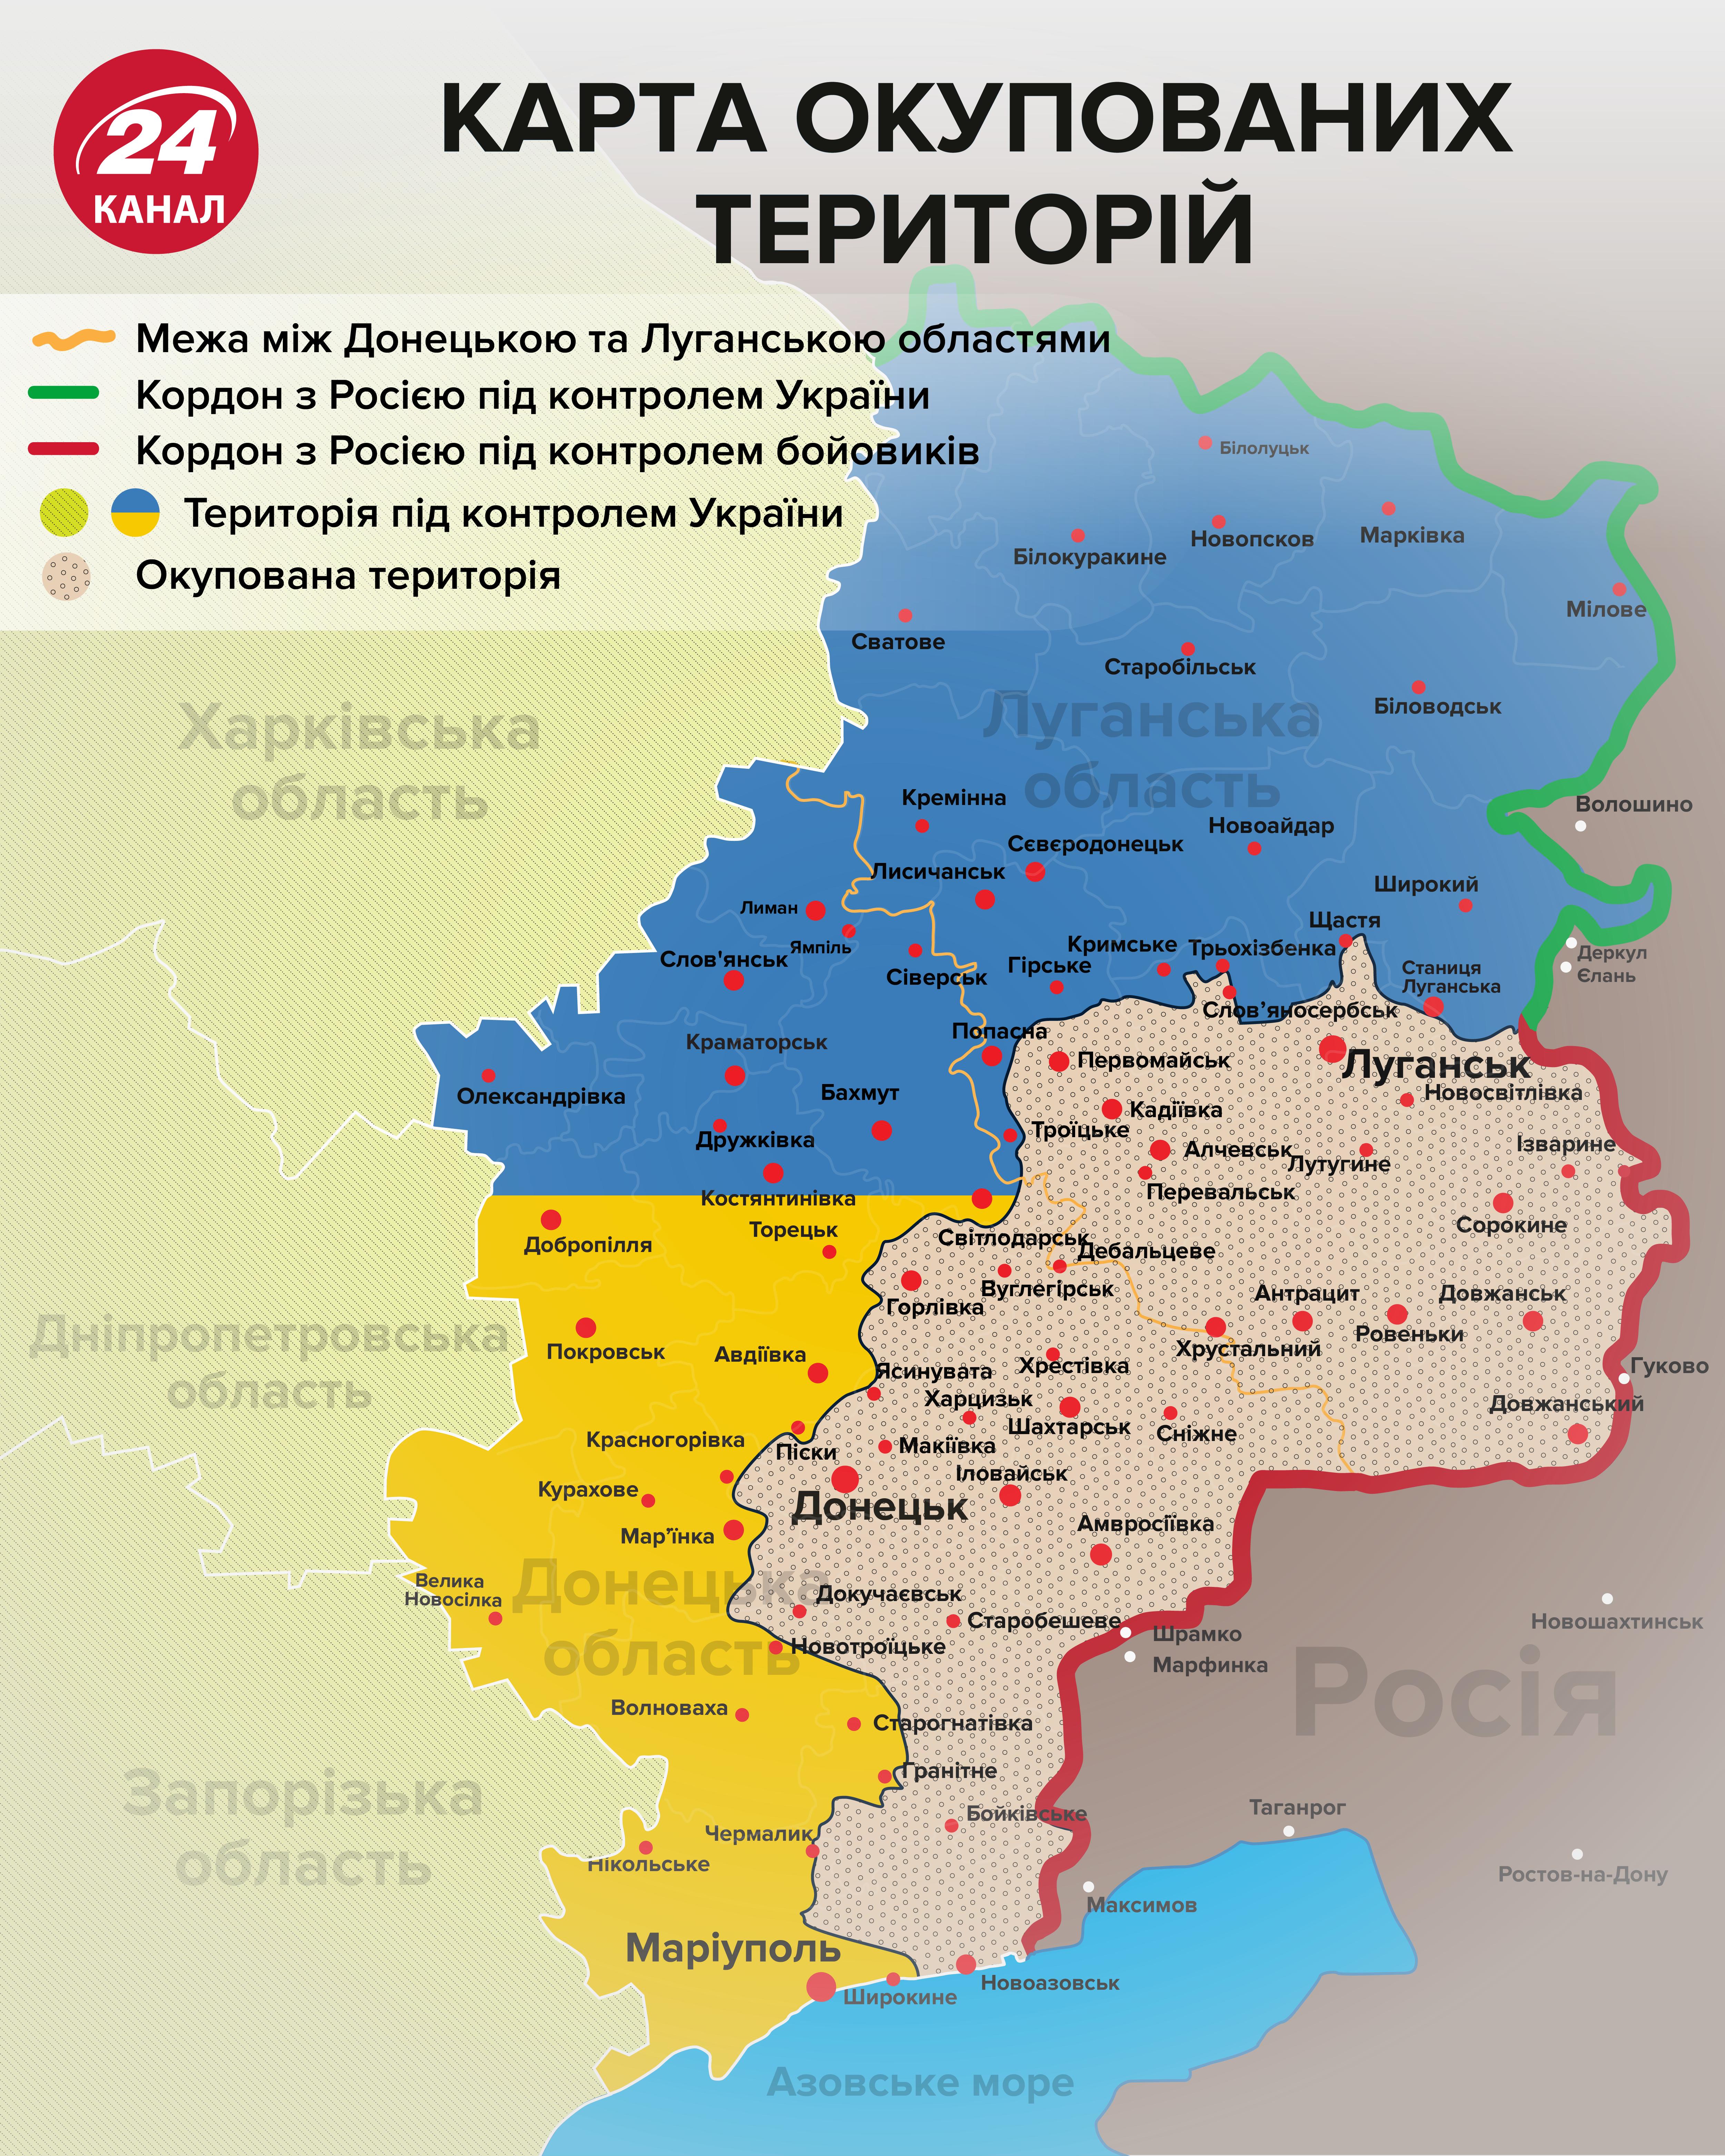 карта окупованого Донбасу Донеччина Луганщина окуповані території карта